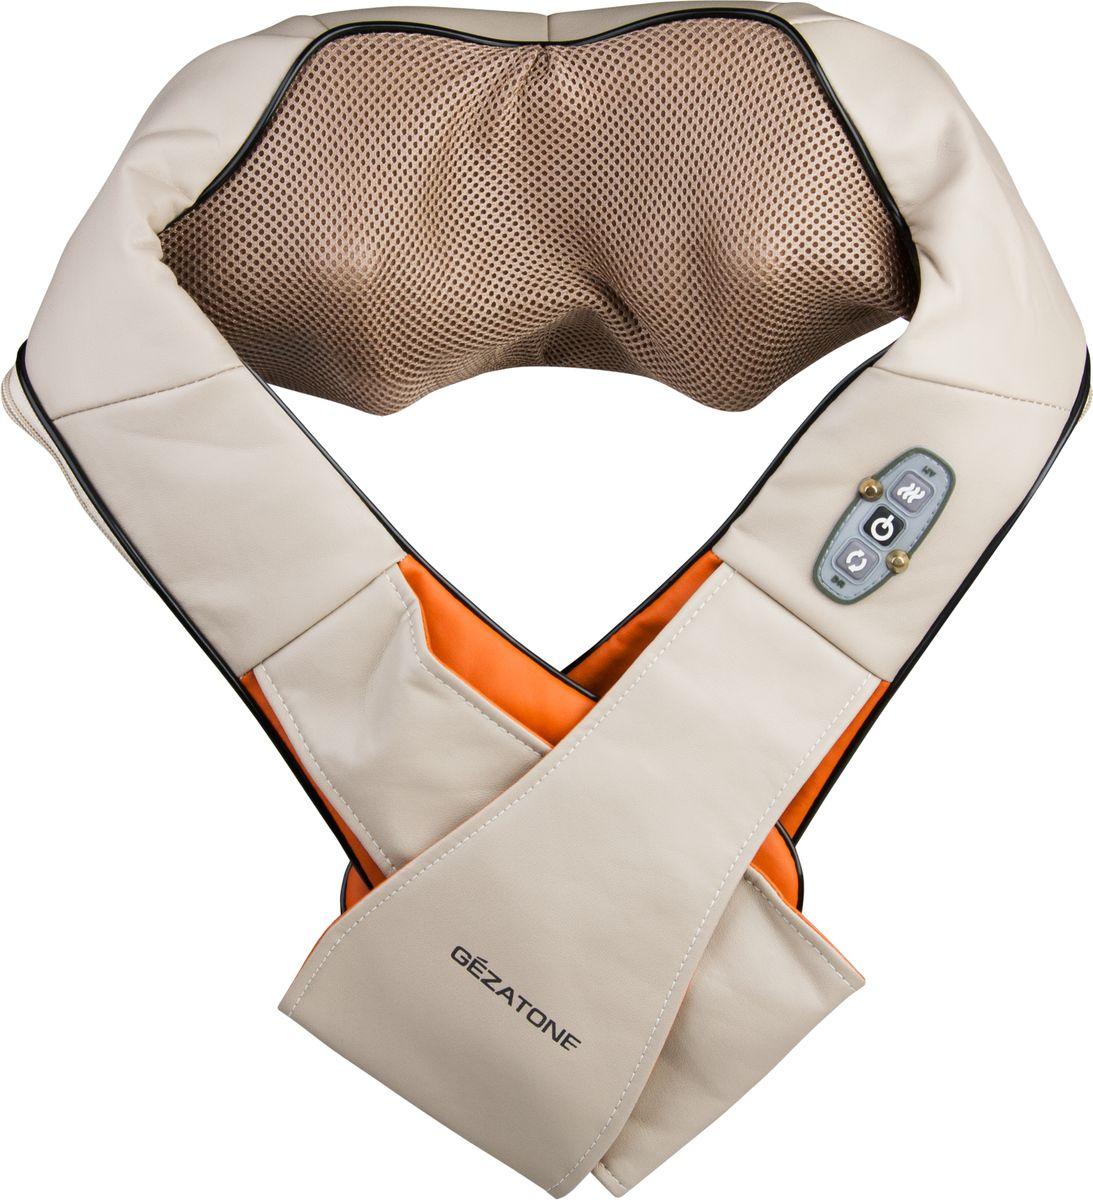 Gezatone Массажер роликовый для шеи и тела Irelax AMG395AMG395Универсальный массажер для тела IRelax Gezatone, AMG395 сочетает в себе функциональность массажной подушки для шеи и спины и портативного прибора для массажа тела. Благодаря этому Вы получаете как полноценный релакс массаж напряженных мышц спины, рук и ног, так и можете использовать массажер в качестве средства для коррекции проблемных зон. Вращающиеся ролики тщательно и глубоко разминают мышцы, восстанавливая нарушенный кровоток, усиливая все протекающие обменные процессы. Это приводит к тонизации мышц, расщеплению жировой клетчатки и улучшению внешнего вида кожи. Благодаря полноценному массажу можно быстро снять спазм мышц, расслабиться и взбодриться. Массажер для тела может применяться на зоне шеи и плеч, поясницы и спины, для массажа кистей рук и икроножных мышц. Инфракрасное прогревание заметно повышает эффективность массажа, обеспечивает выраженный расслабляющий эффект, способствует более глубокому проникновению косметики в кожу.